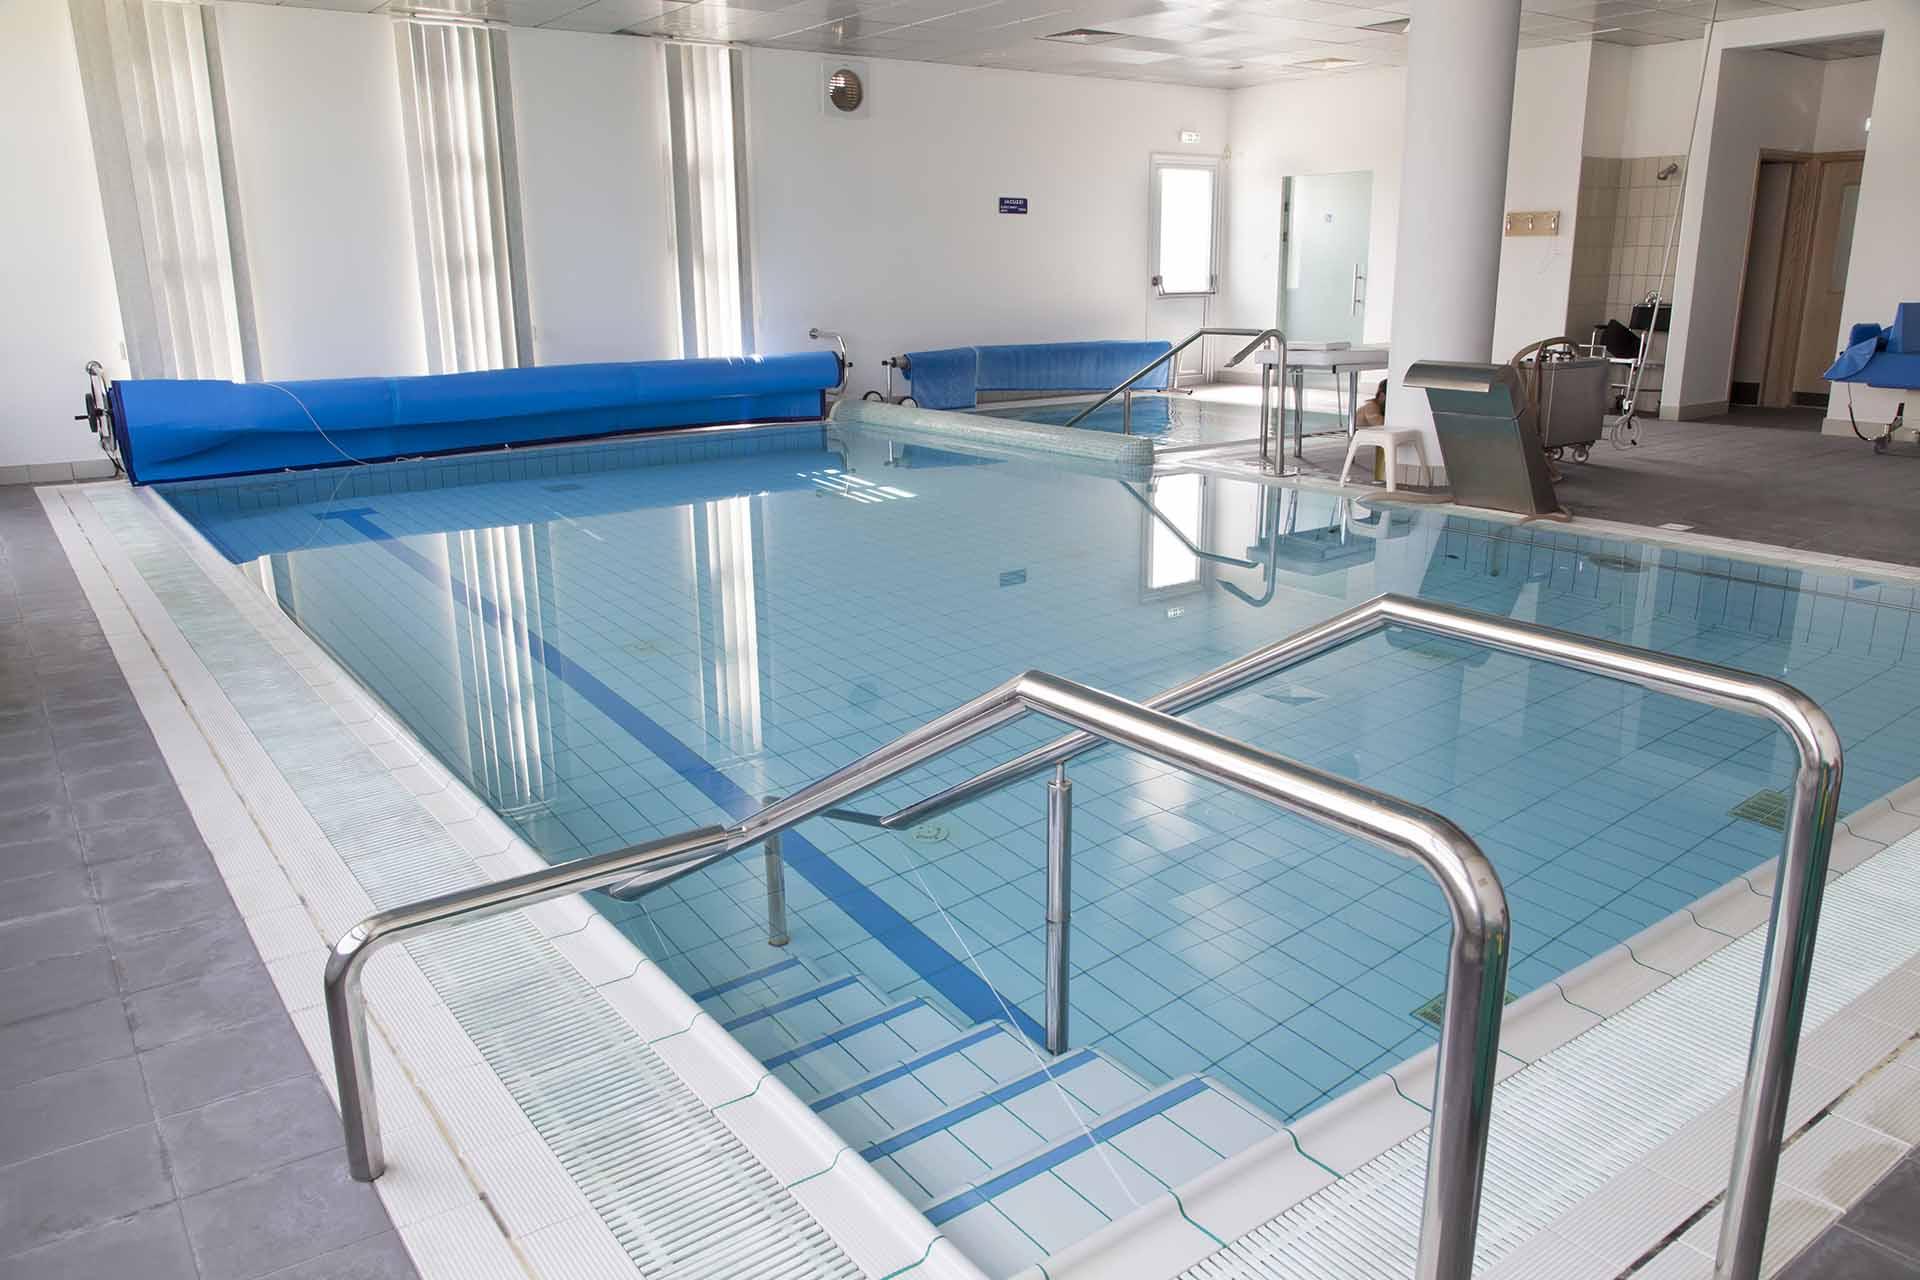 Toumazi Physio Hydrotherapy - Pool, Professionalism